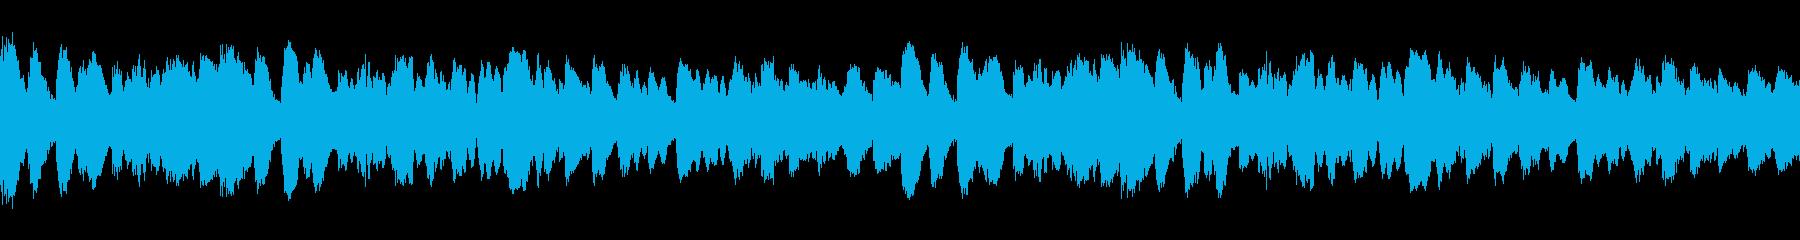 オーケストラ楽器魔法のファンタジー...の再生済みの波形